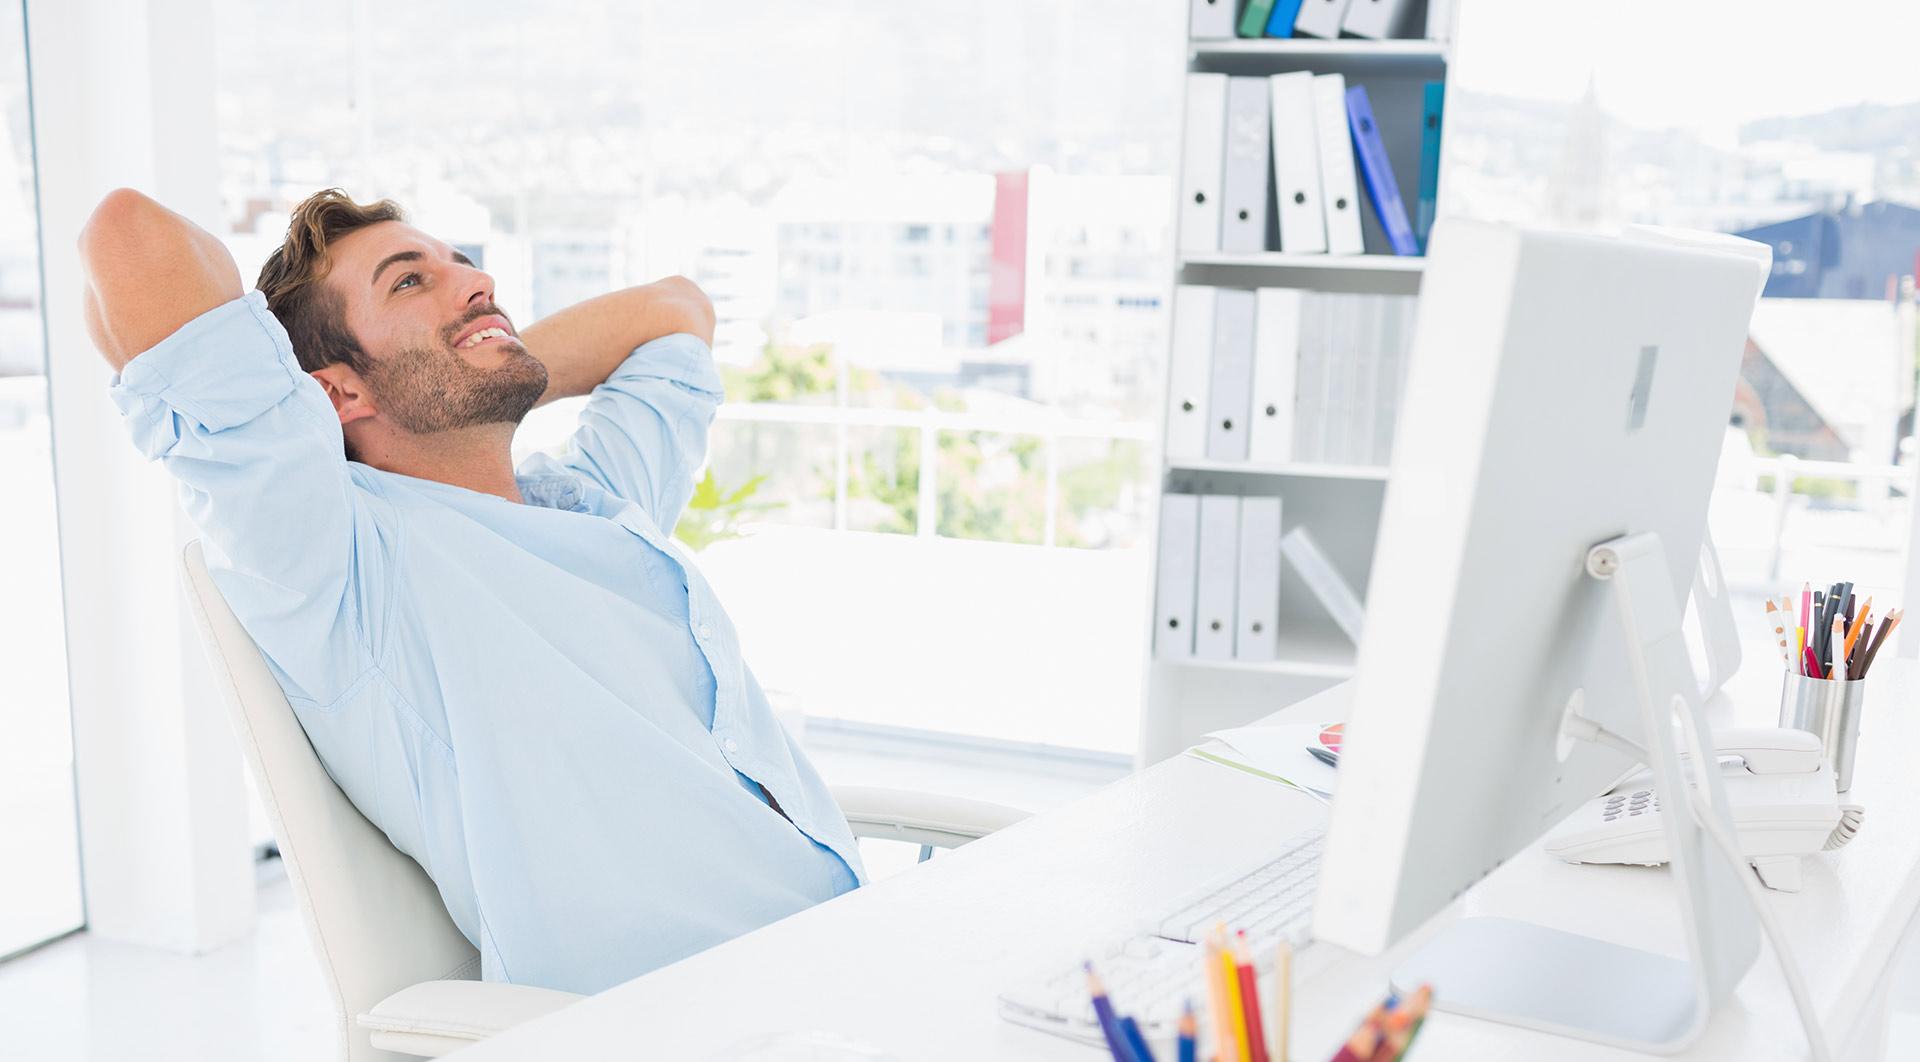 Έγχυση Κολλαγενάσης, χειρουργός ουρολόγος - ανδρολόγος Δρ Ιωάννης Ζούμπος